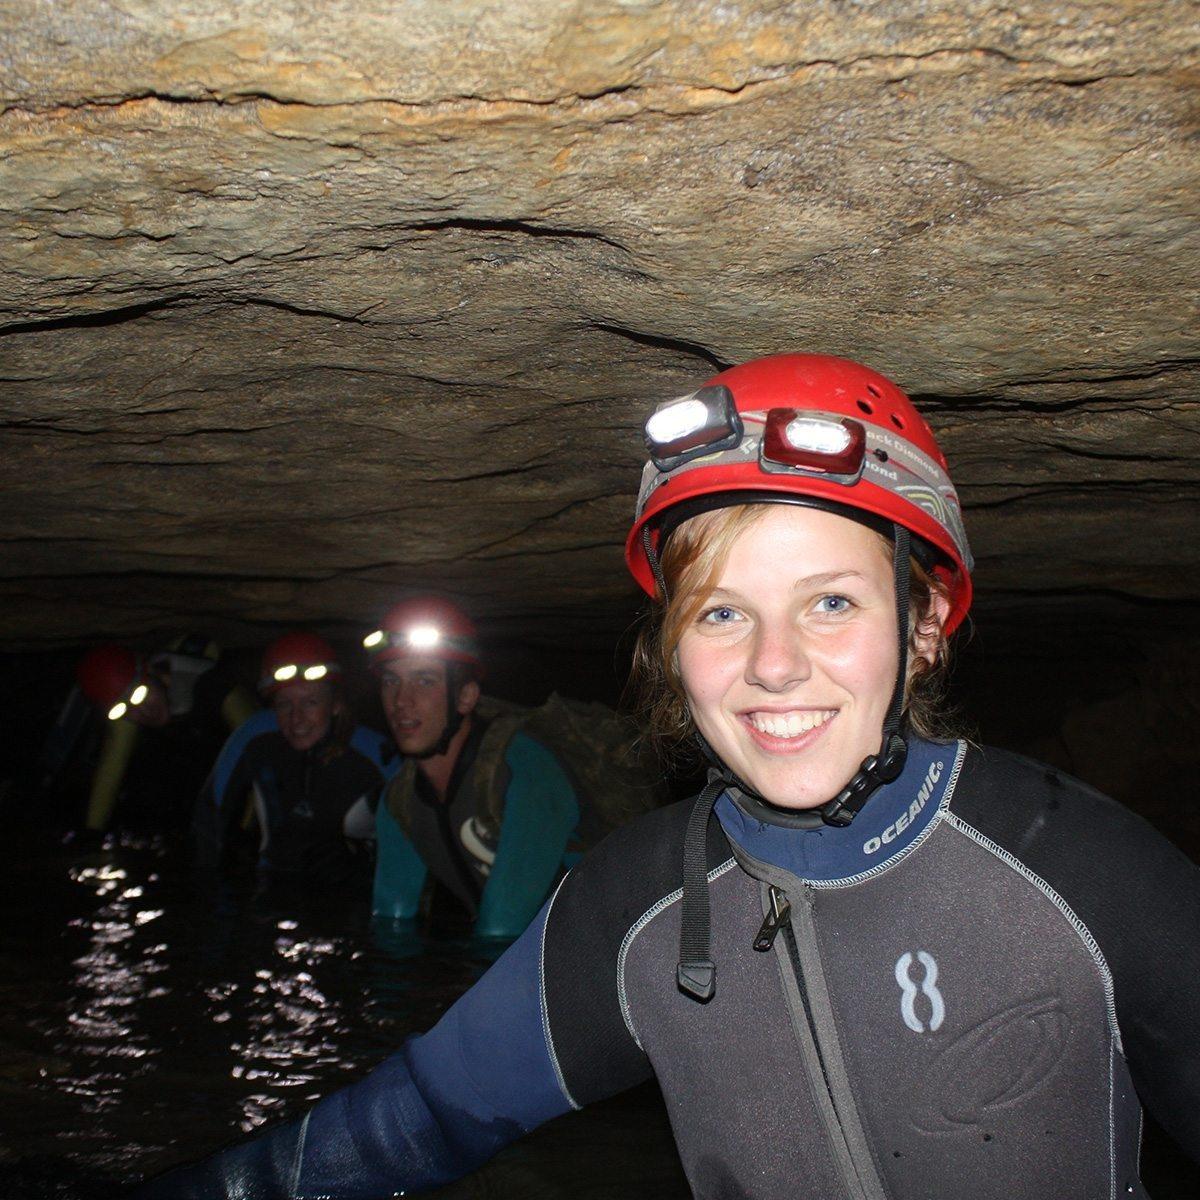 Höhlentrekking mit Höhlentauchen - Schwäbische Alb